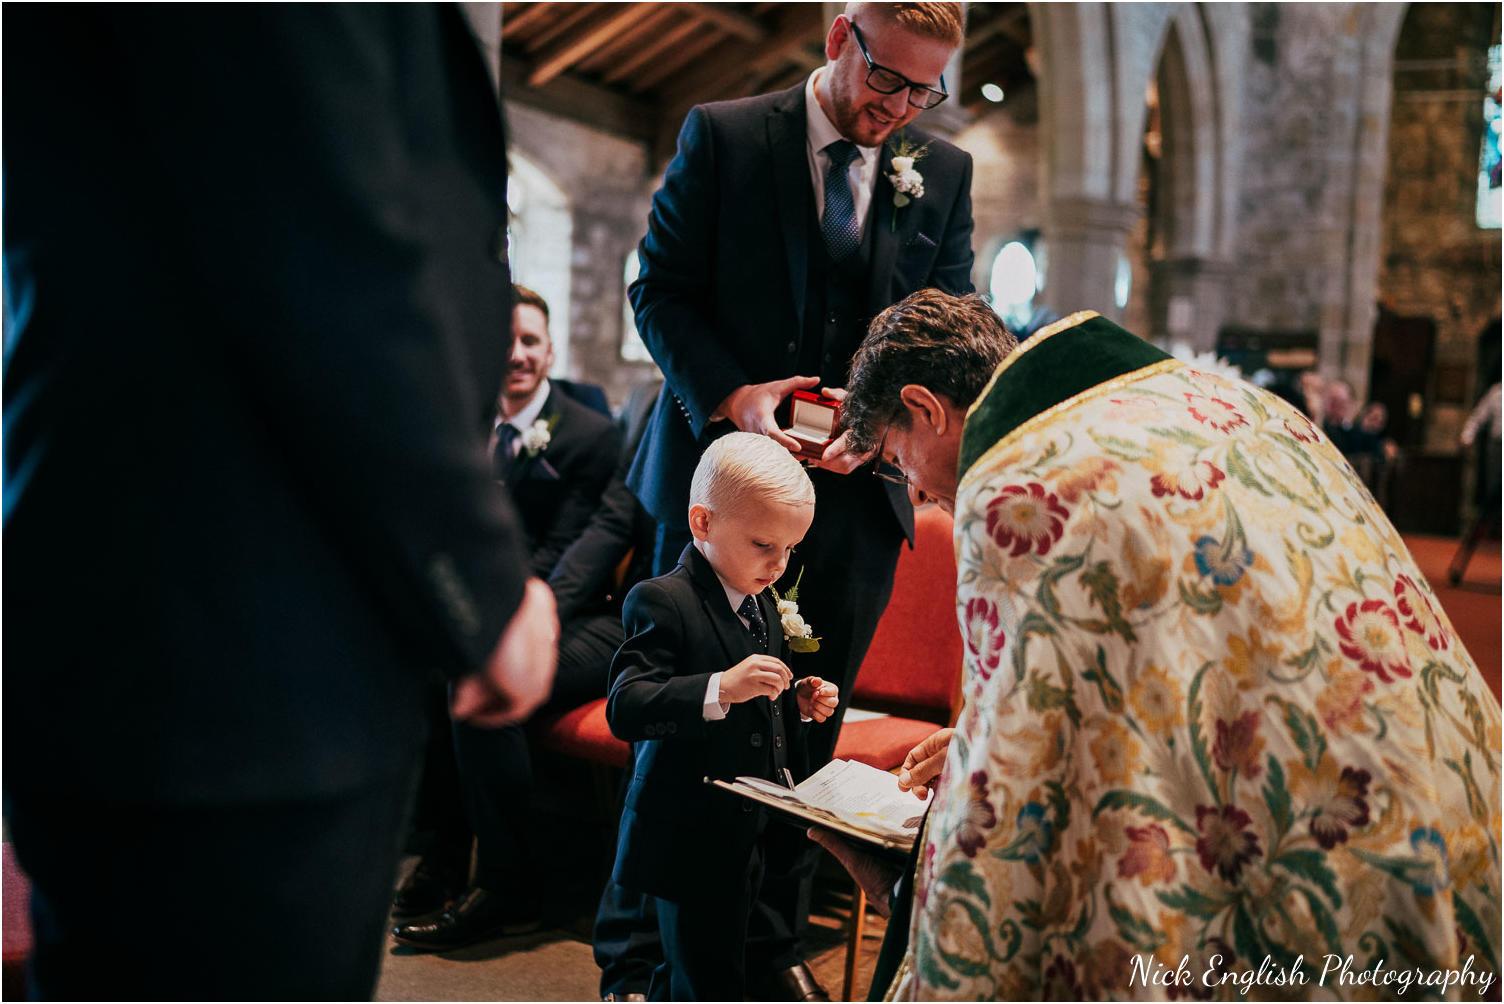 Browsholme_Hall_Barn_Wedding_Nick_English_Photography-48.jpg